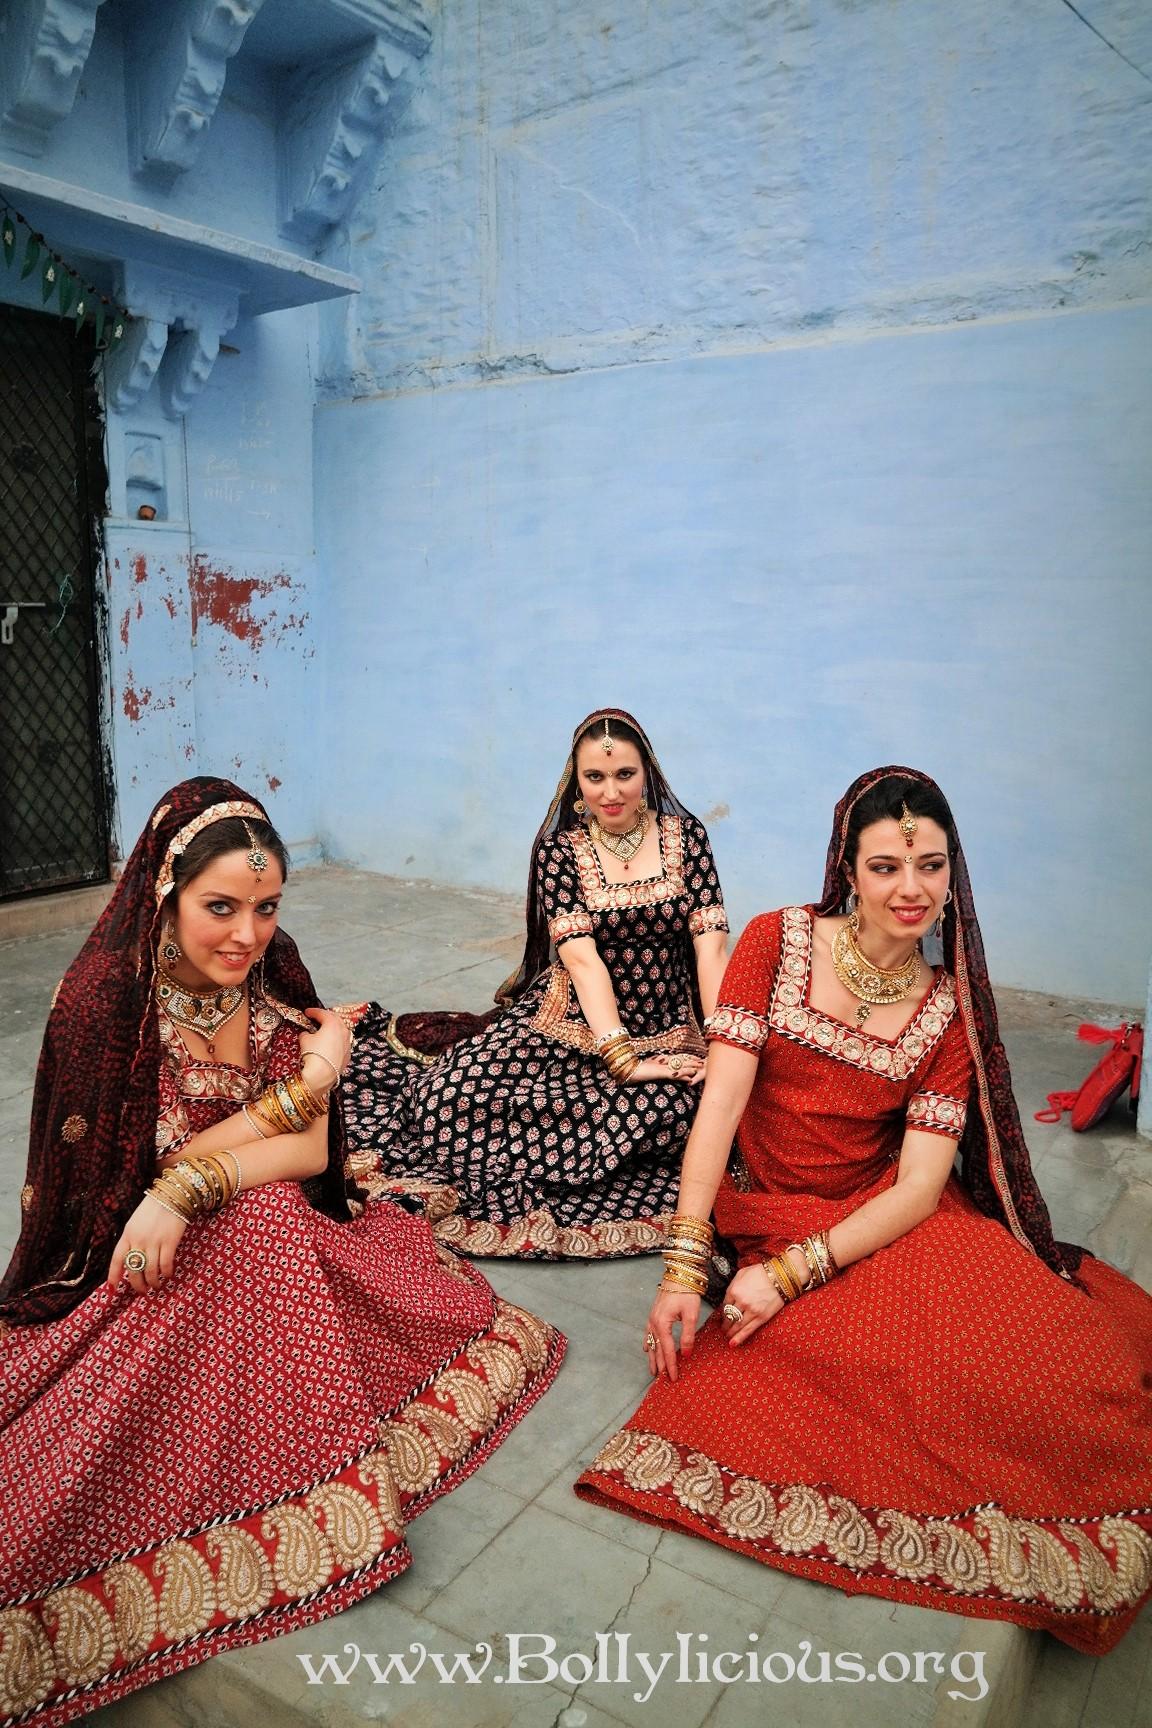 Bollylicious Jodhpur 3